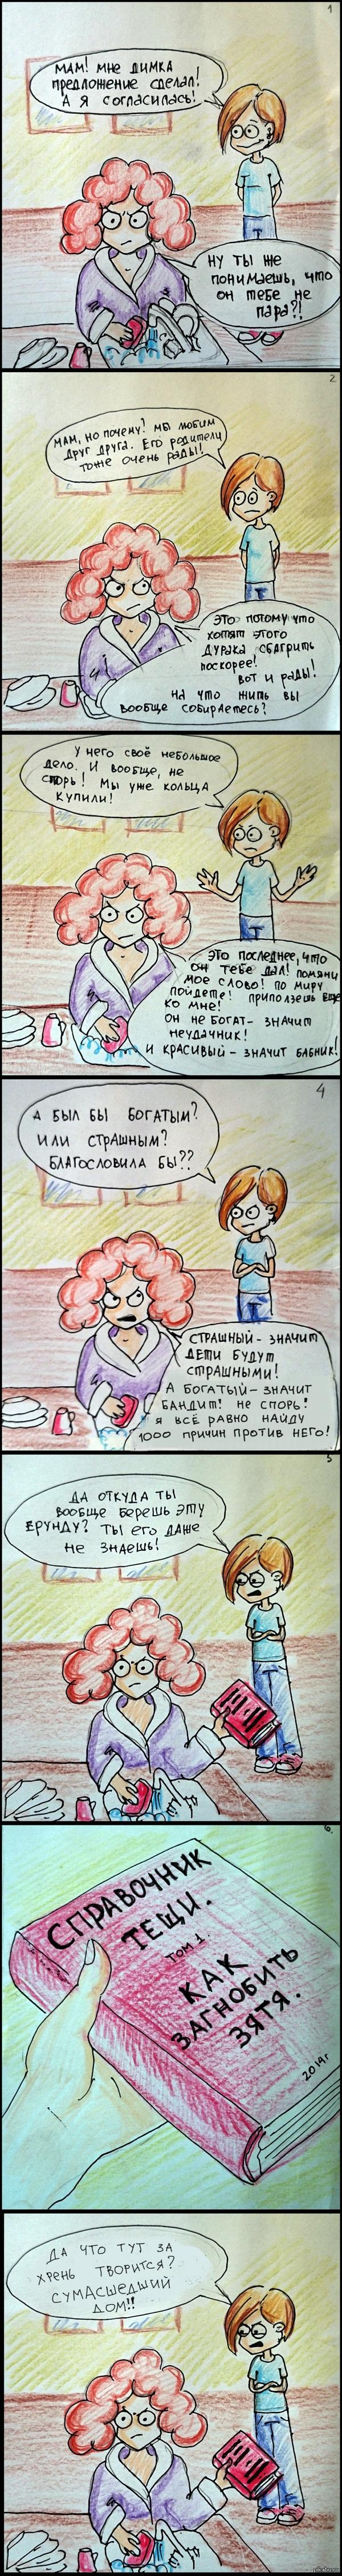 Мамы... Я не удивлюсь, если найду что-то подобное у моей)))